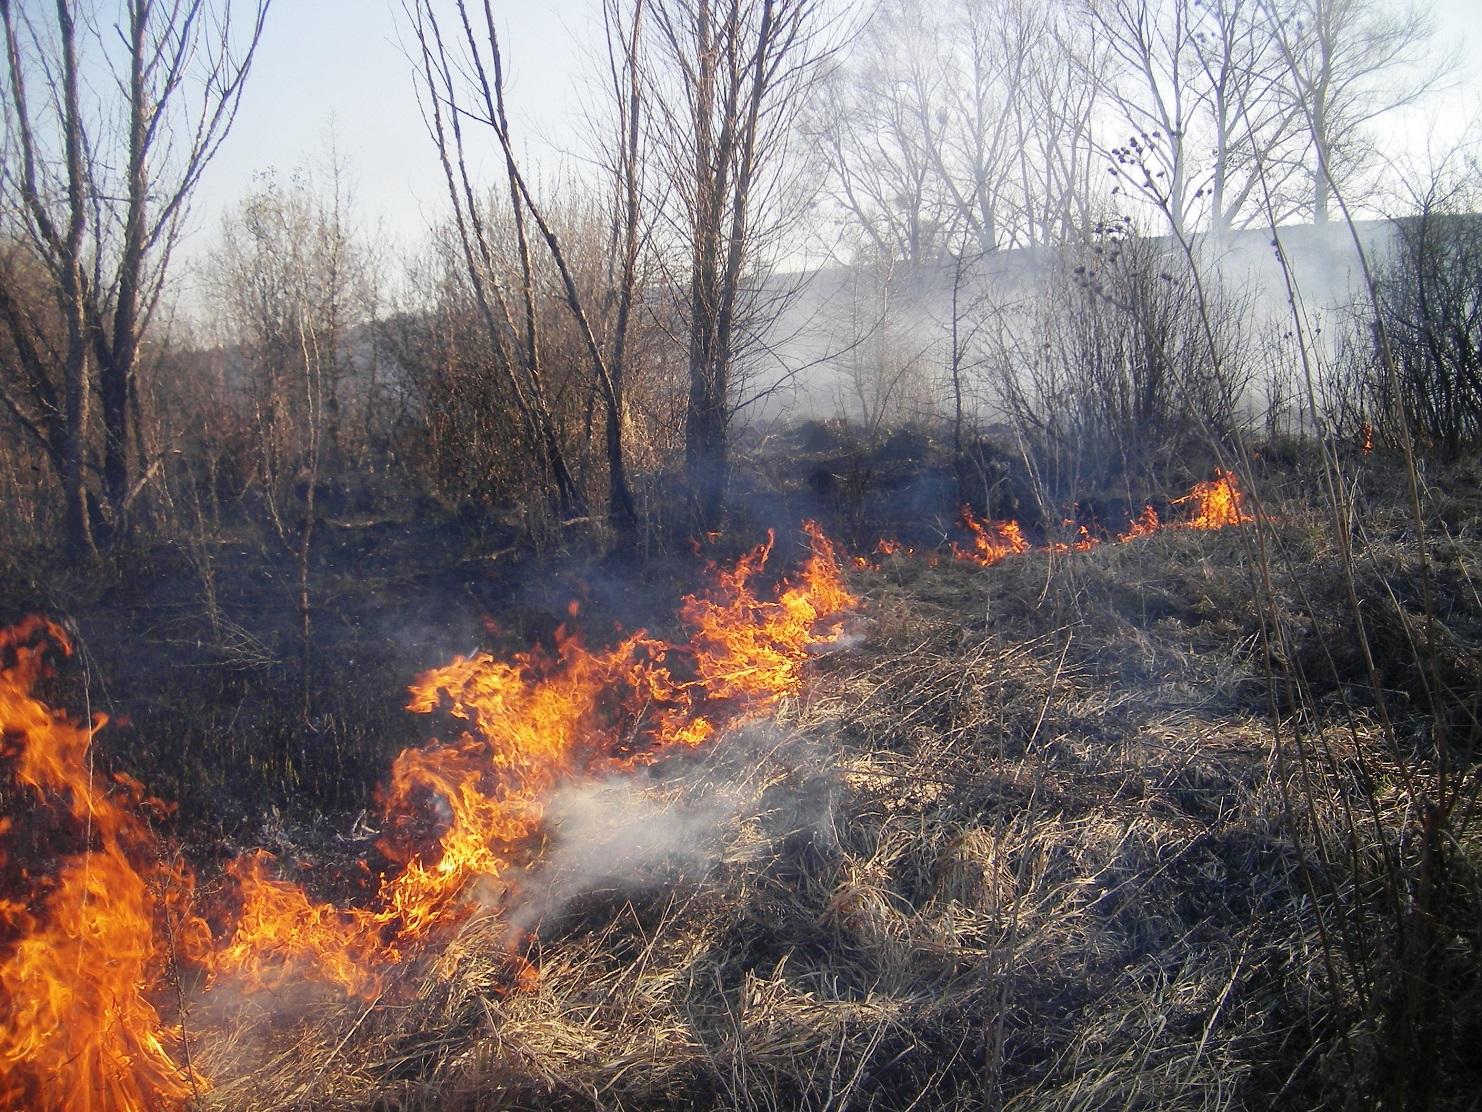 Чому не можна спалювати суху траву і як за це карають (відео)